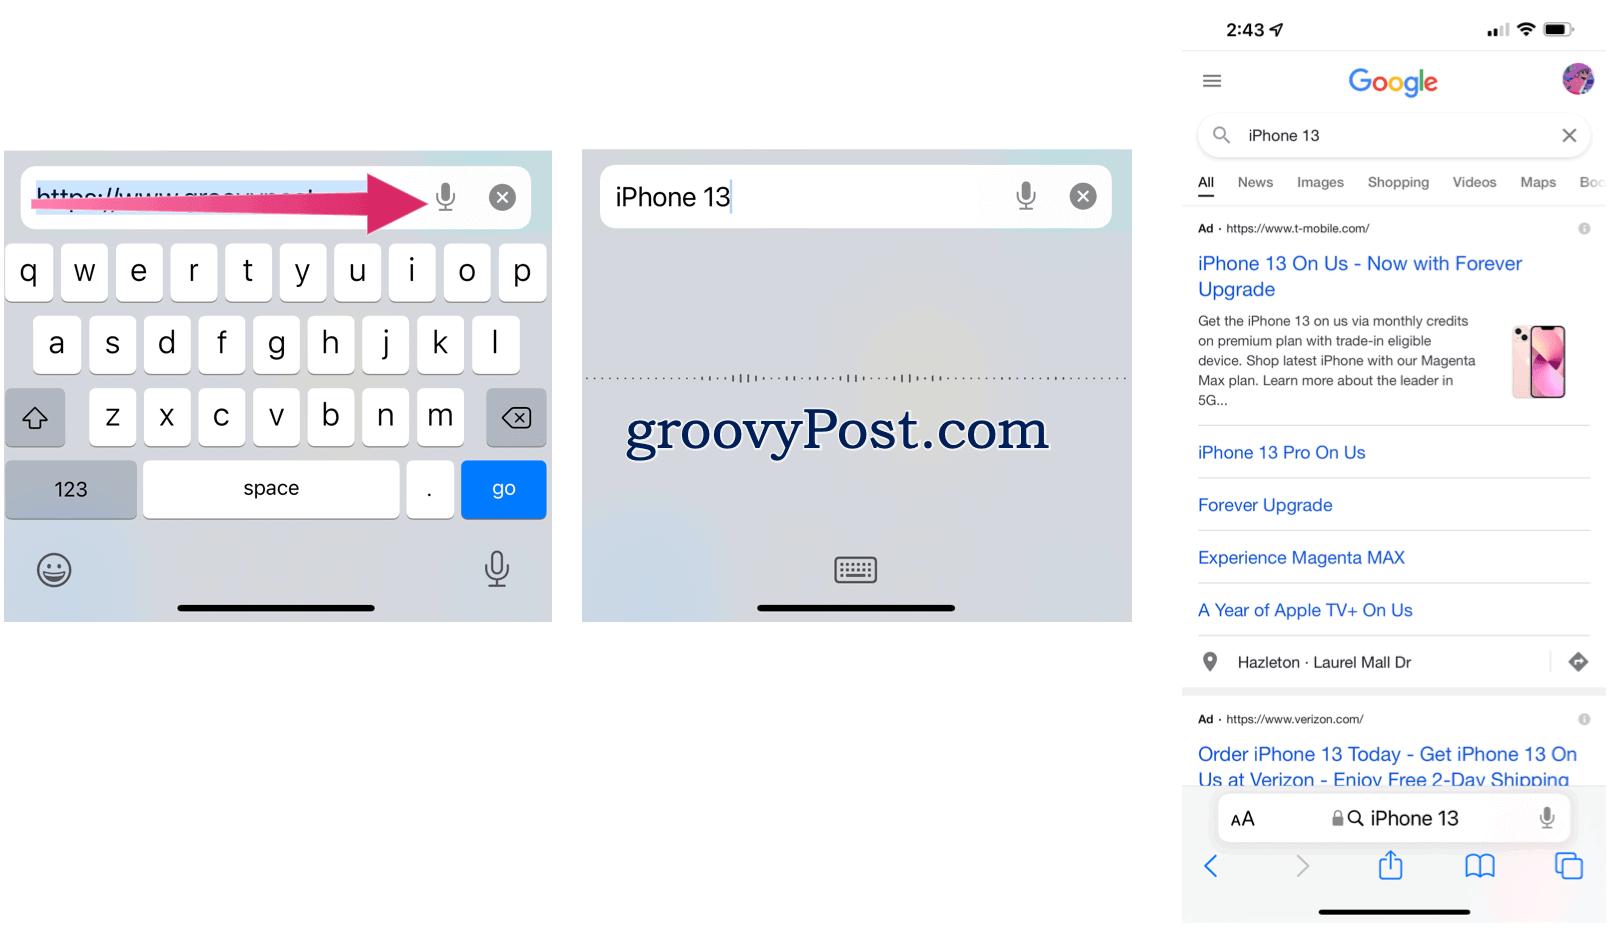 Safari voice search